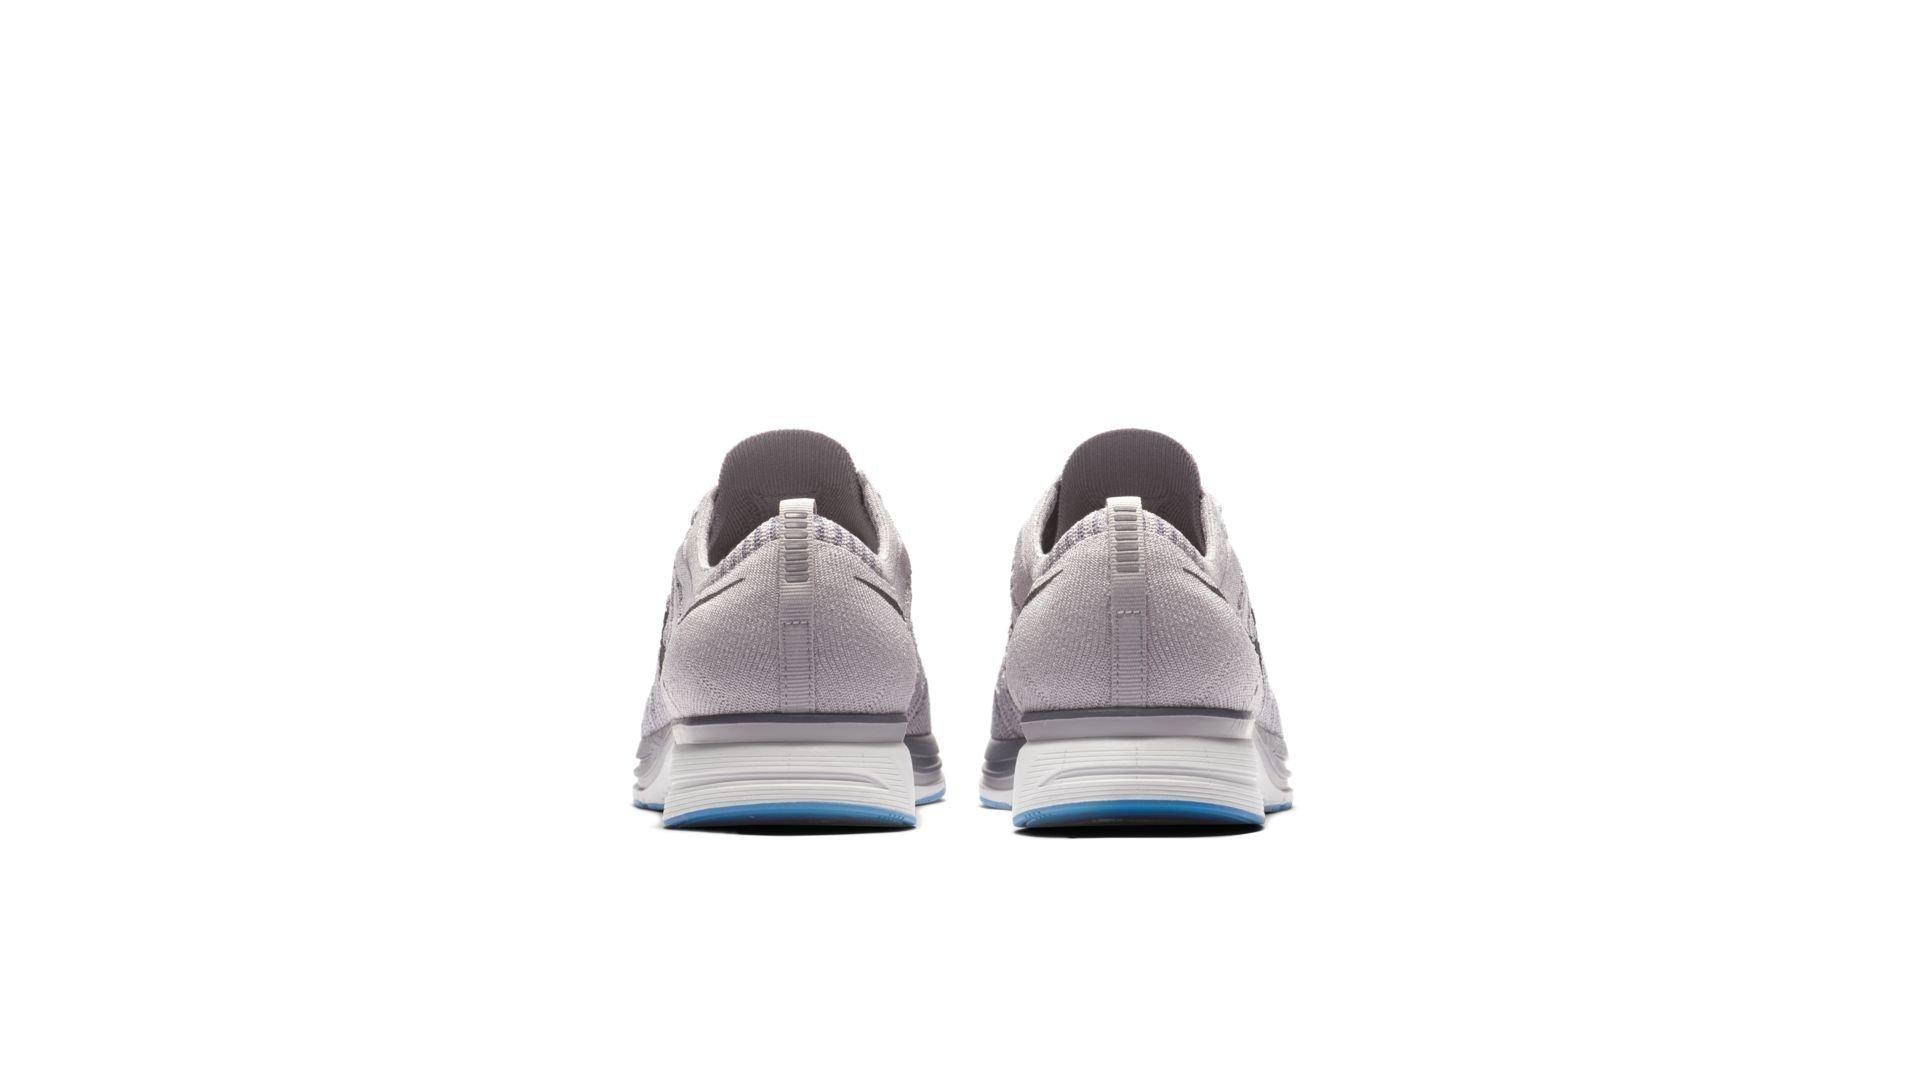 Nike Flyknit Trainer Atmosphere Grey (AH8396-006)